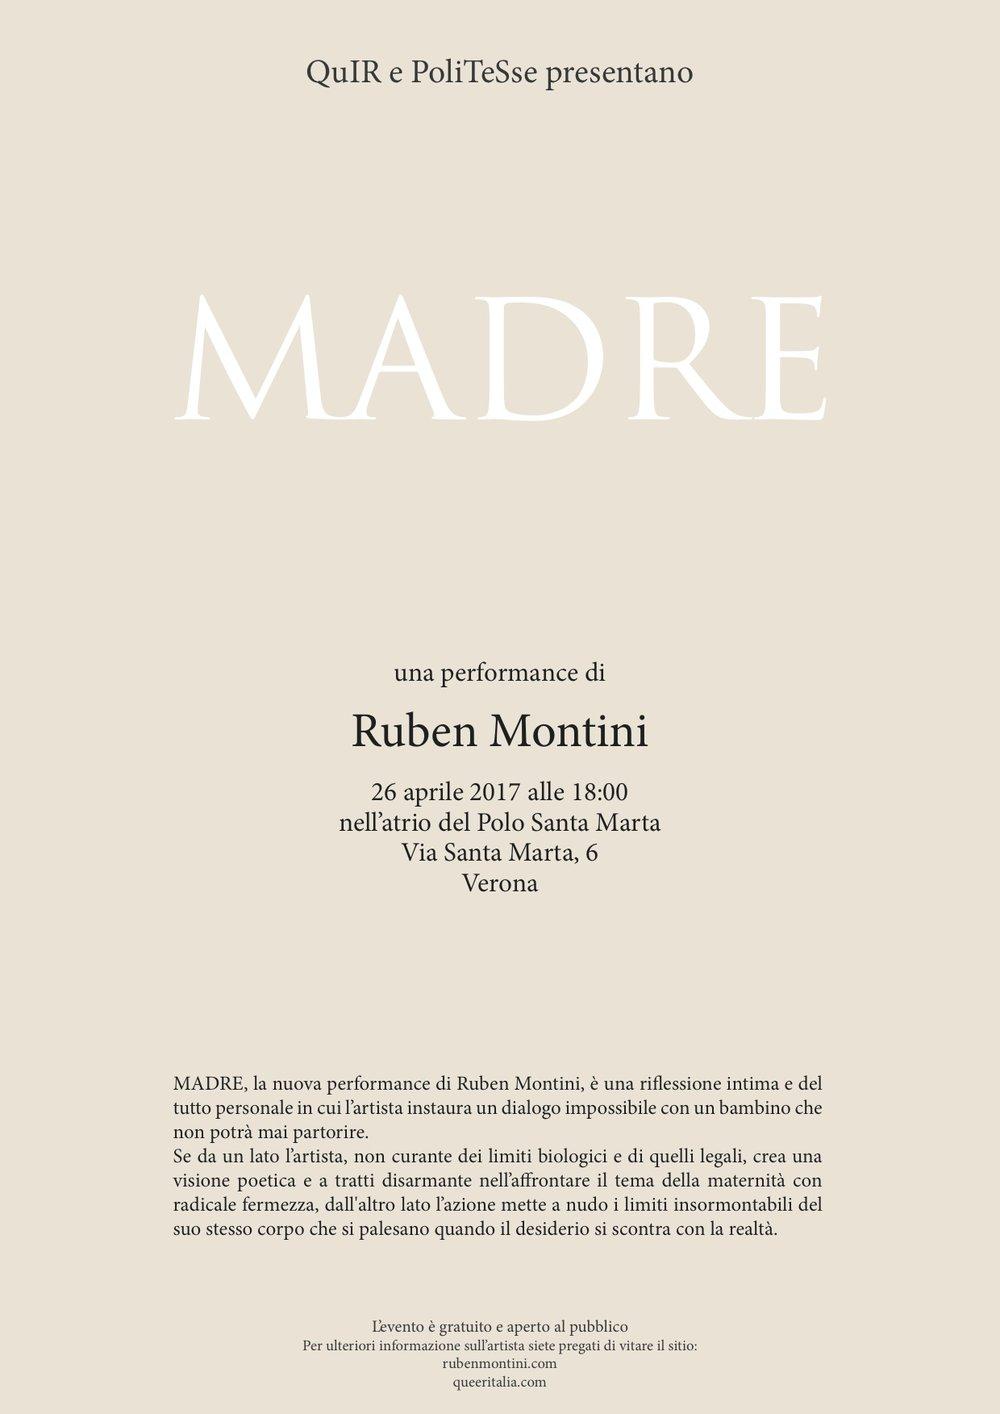 Invitiamo tutt* anche a una performance di Ruben Montini. L'evento è gratuito e aperto al pubblico.